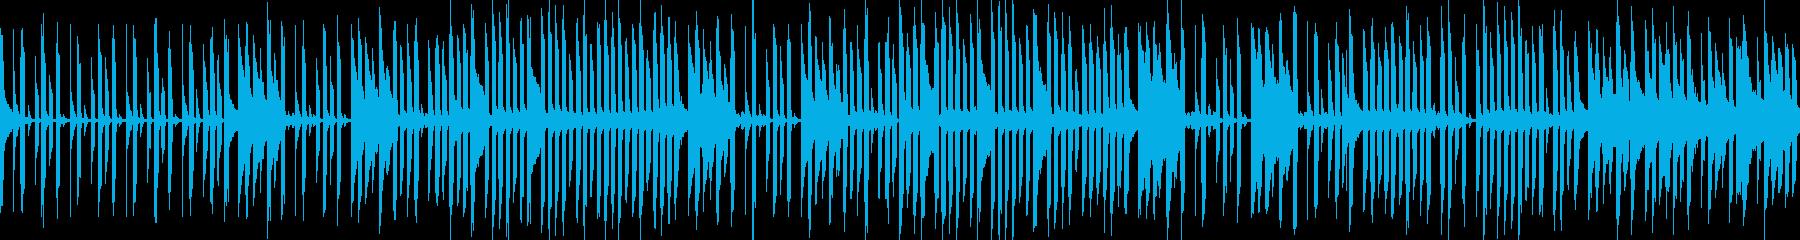 クール・暗め・進行感のあるゲーム音楽の再生済みの波形